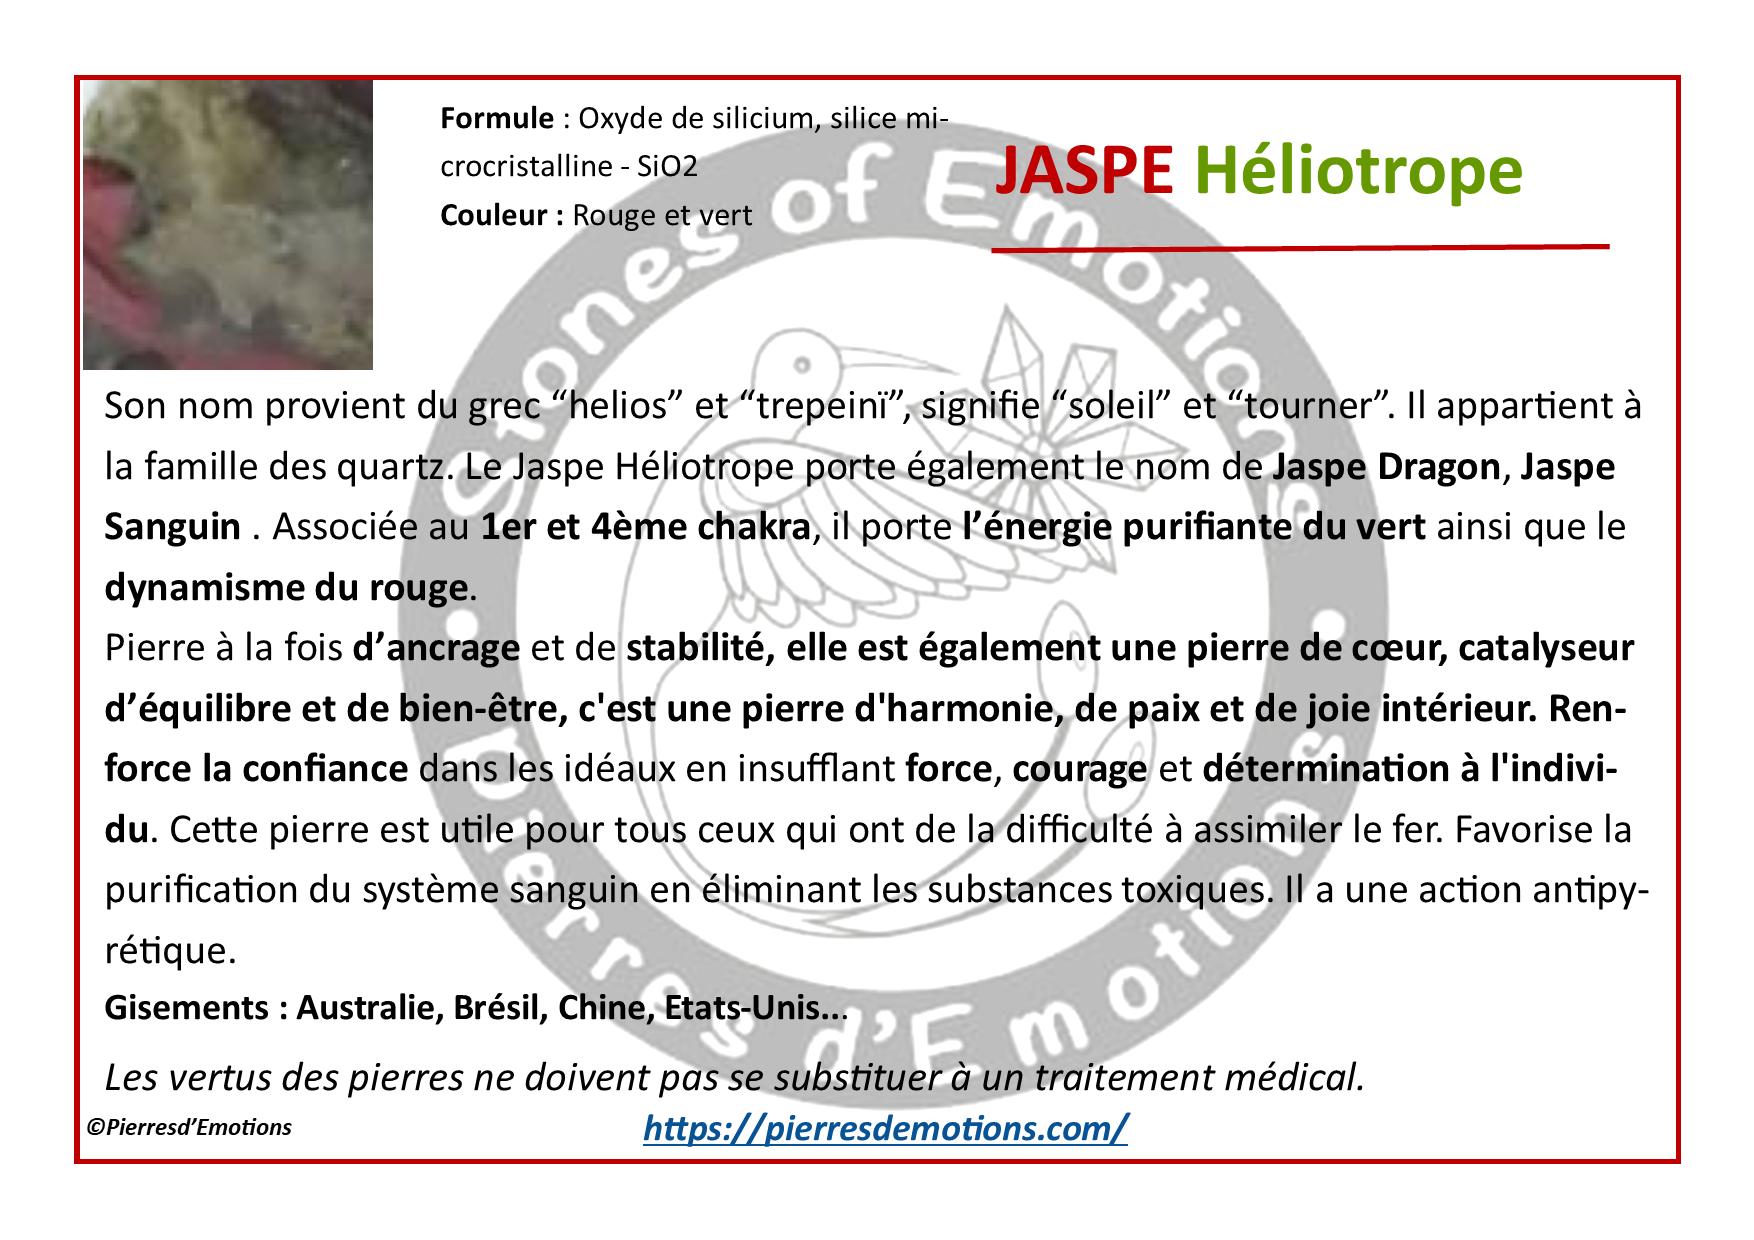 JaspeHeliotrope